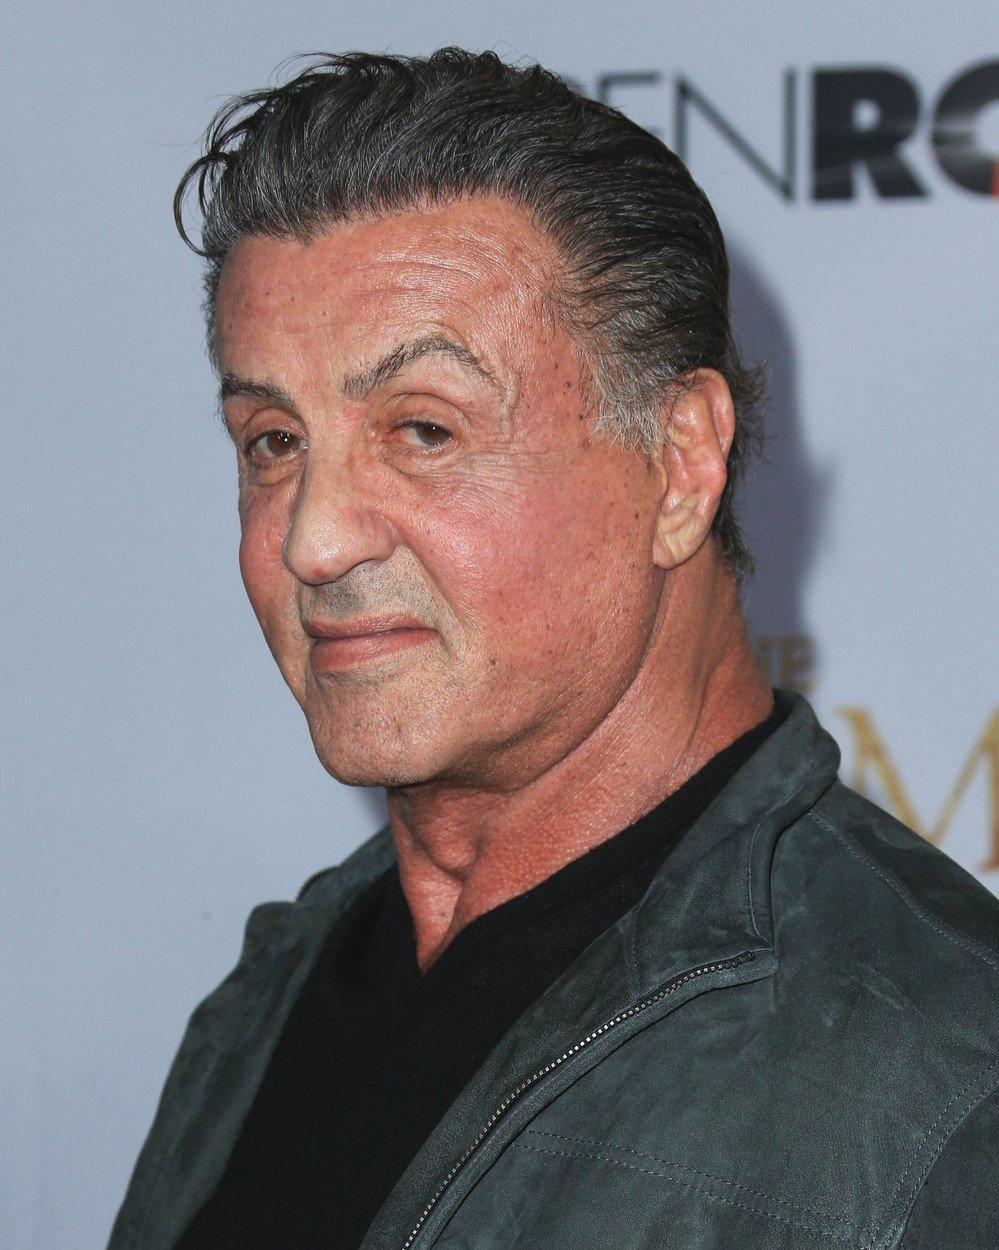 Zdá se, že věk není to jediné, co se podepisuje na tváři akčního hrdiny Sylvestra Stalloneho (72).